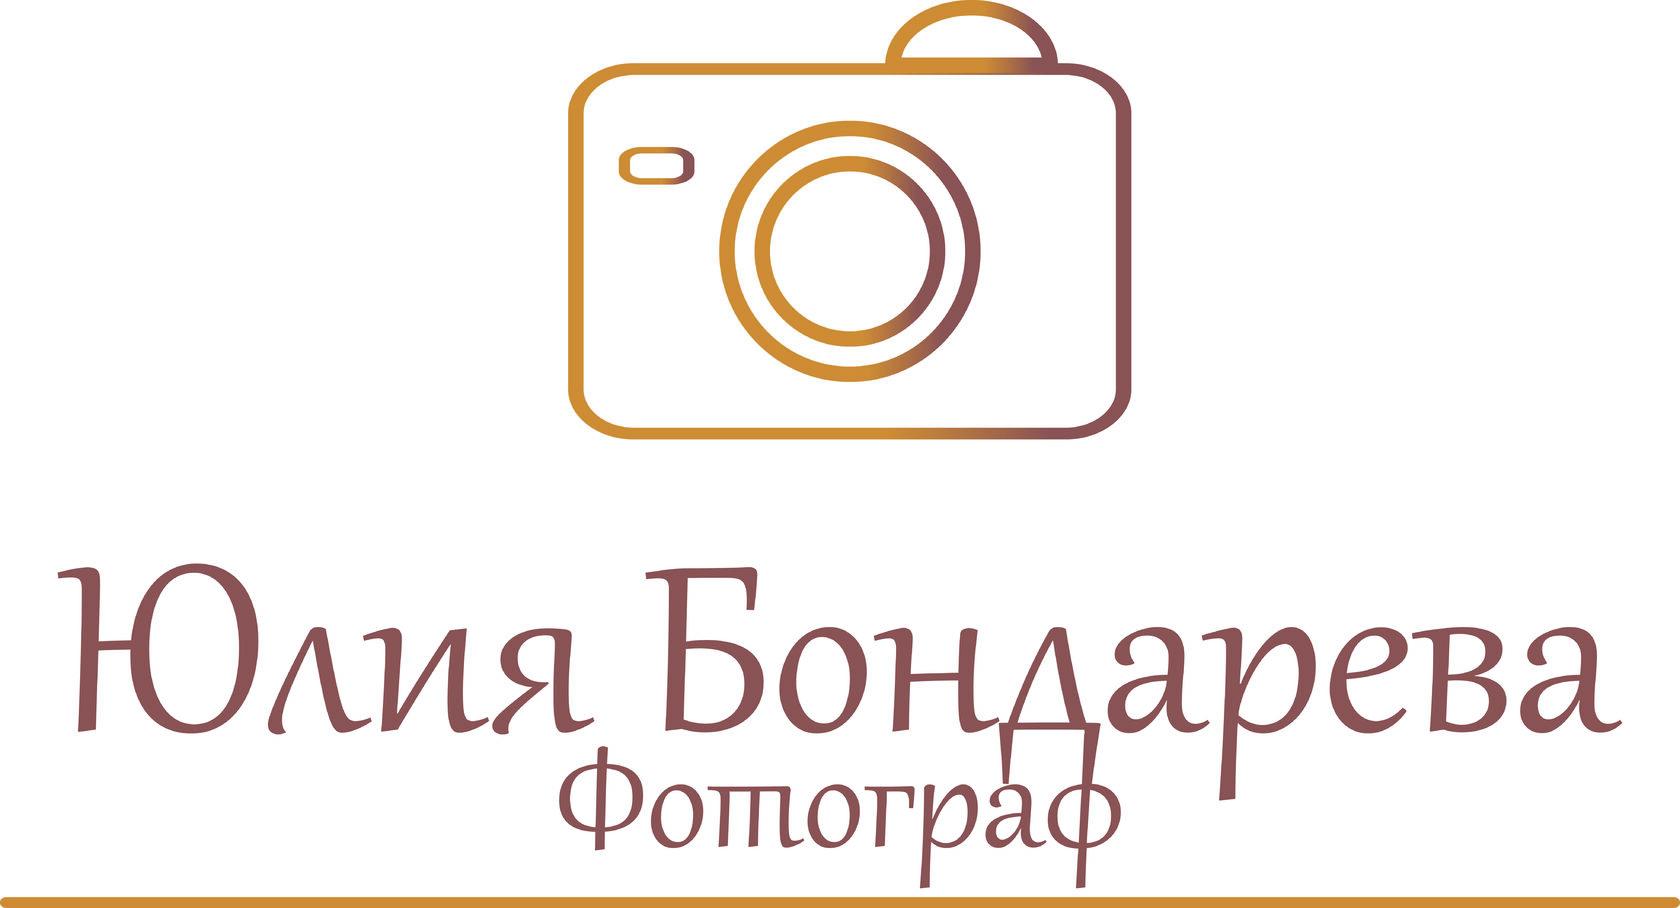 Фотограф в Екатеринбурге Юлия Бондарева